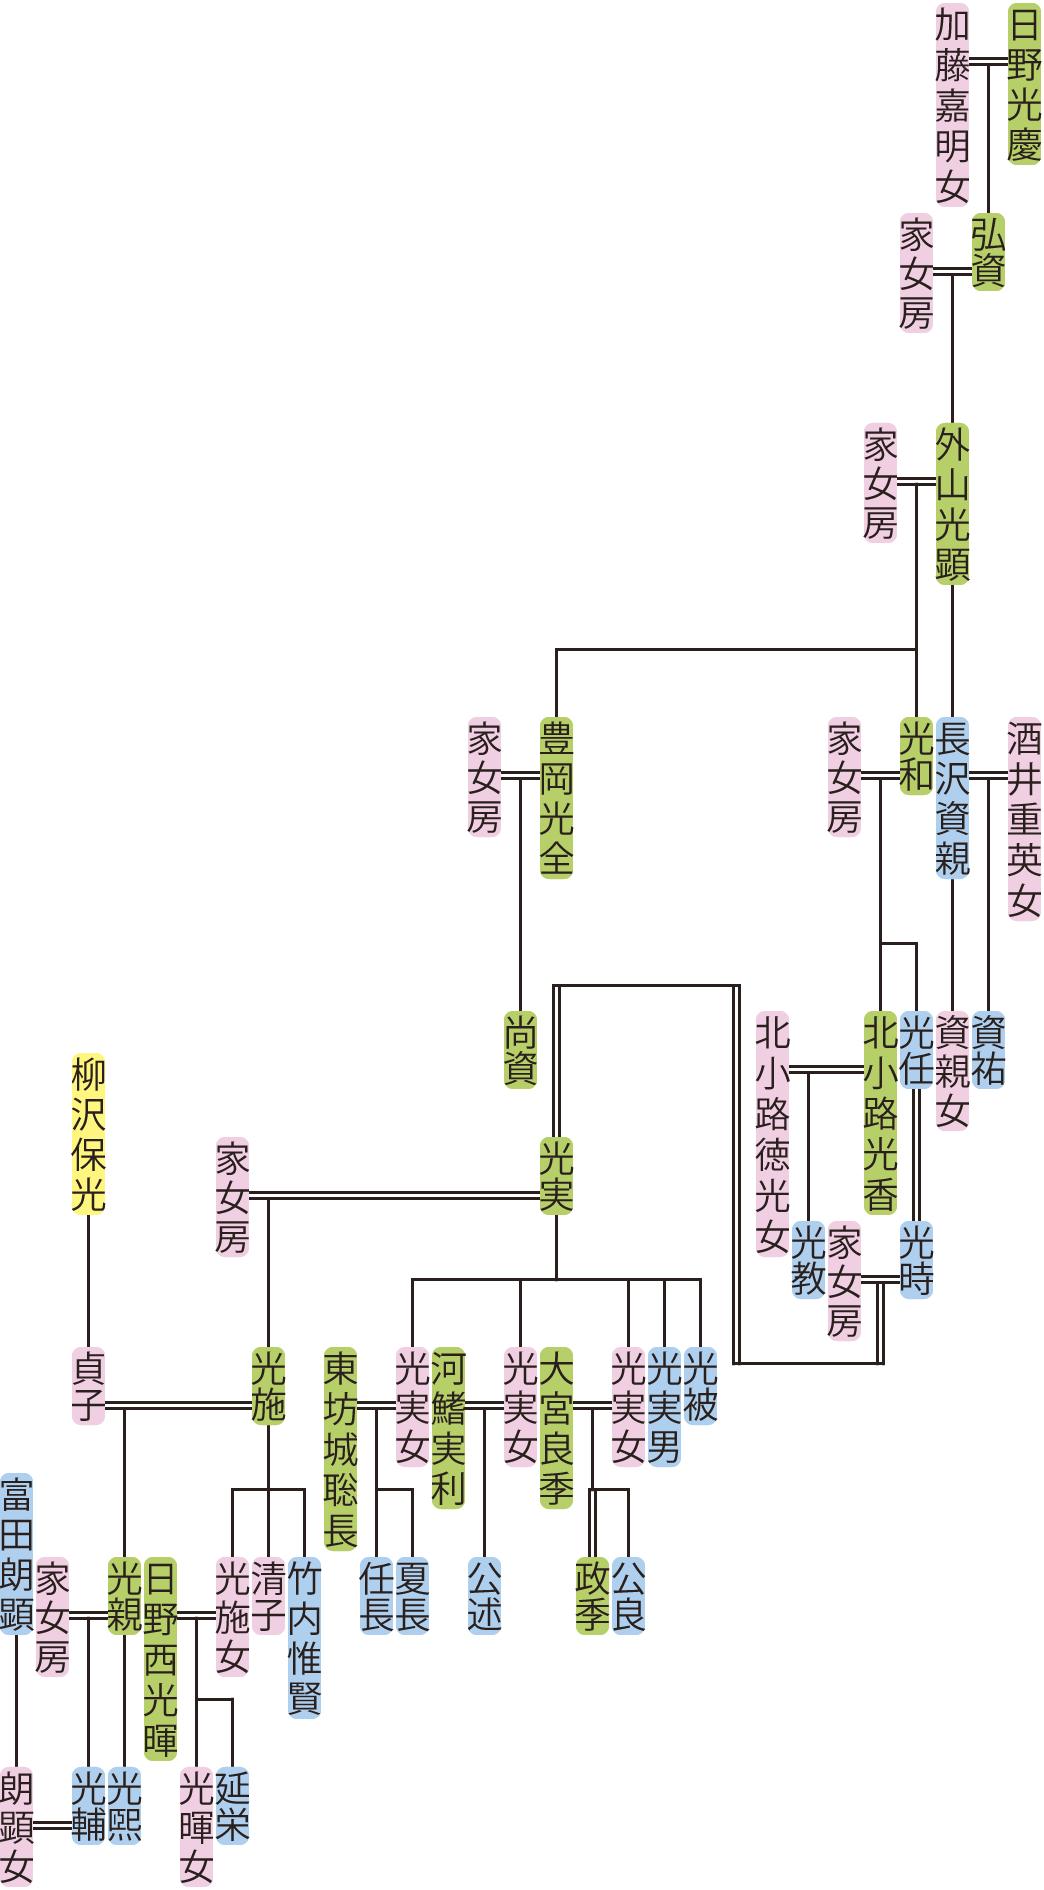 外山光顕~光輔の系図